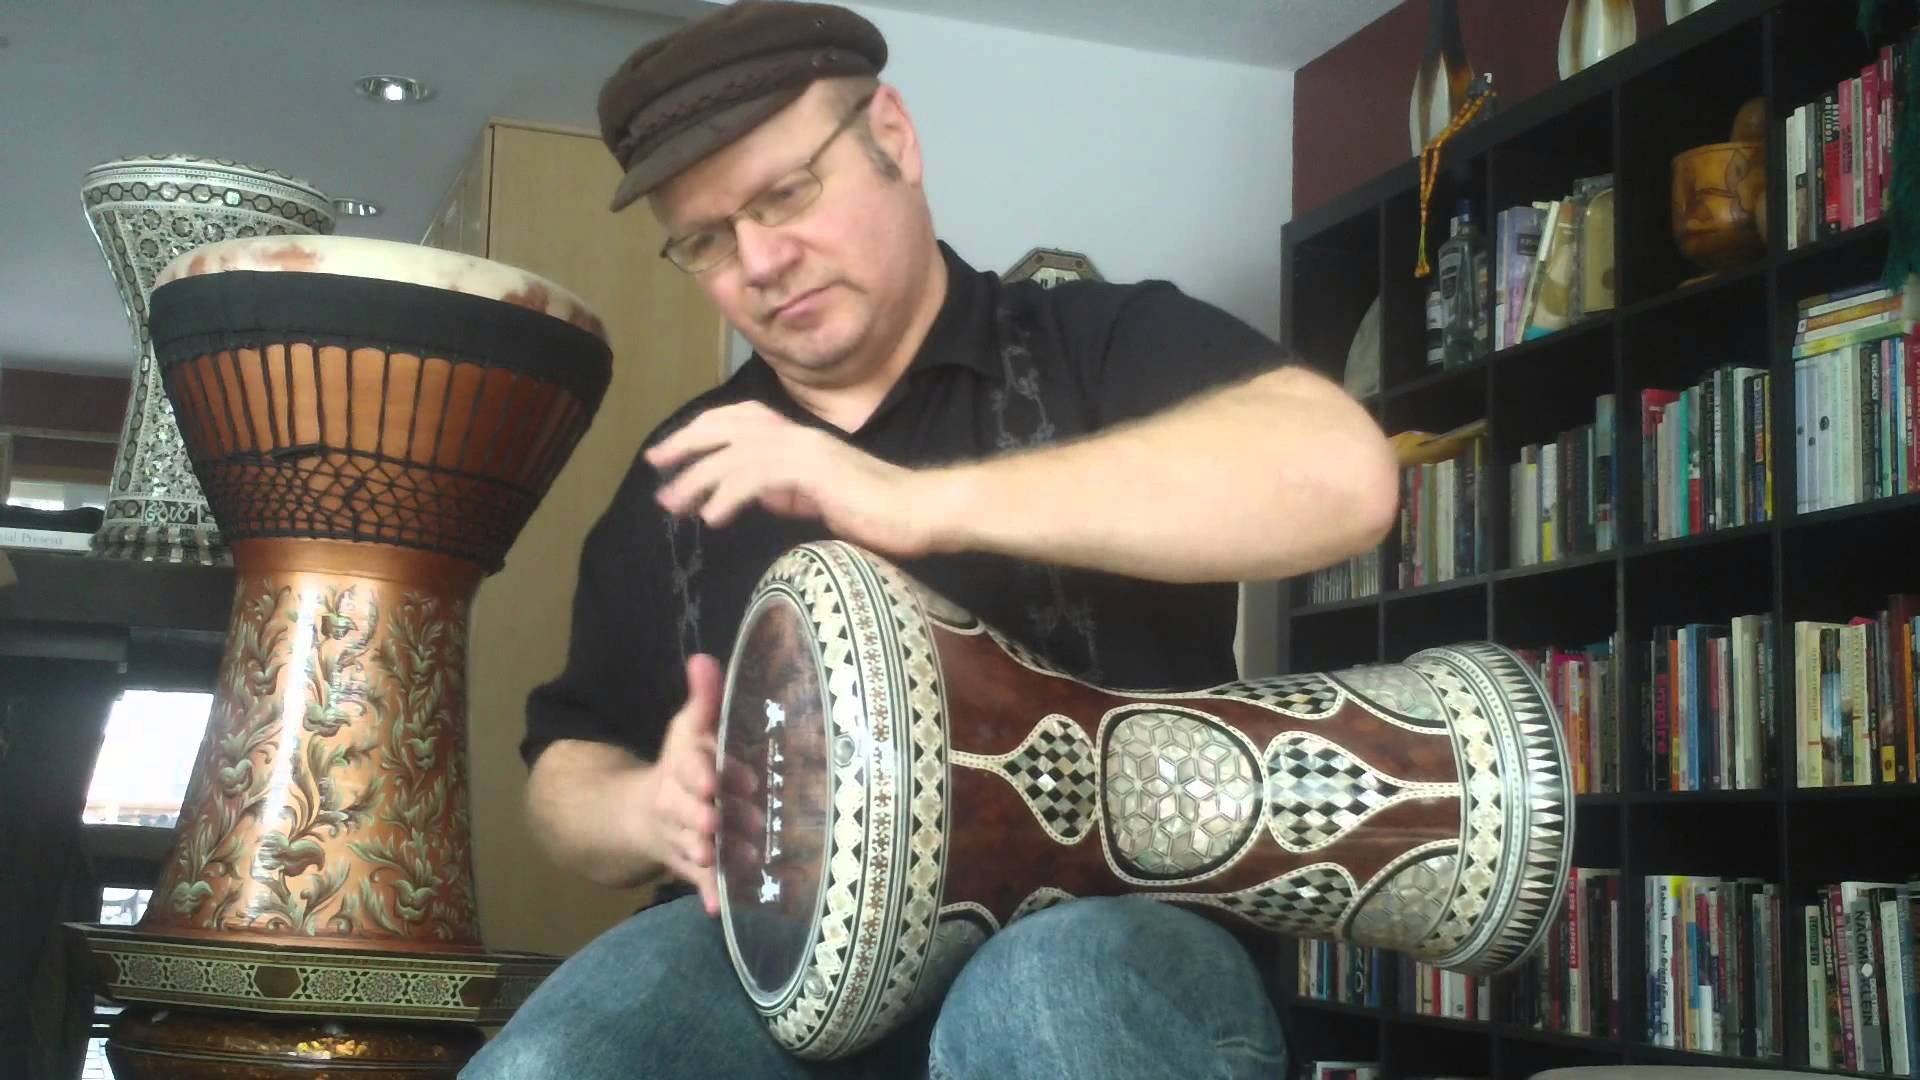 Catching Arabic Drum Grooves With Khaldoun Samman